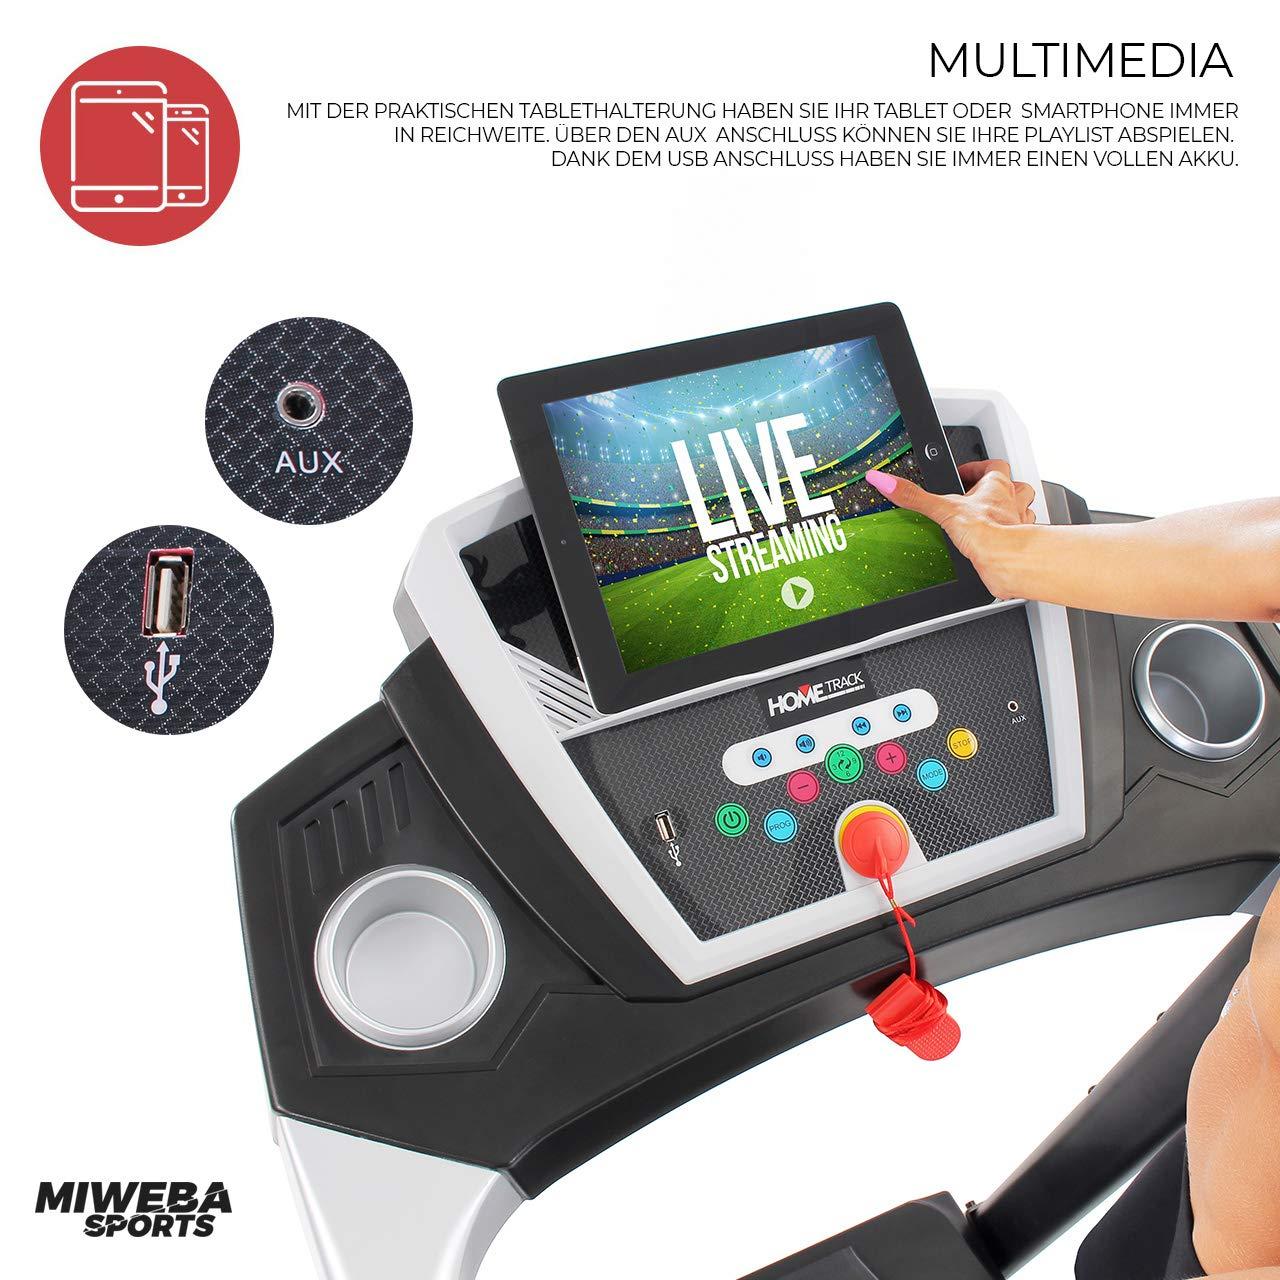 Tablet Halterung HT1000 Schwarz Miweba Sports elektrisches Laufband Ht1000 1,75 Ps Klappbar 16 Km//h Gro/ße Lauffl/äche 12+4 Laufprogramme Incline 6/%